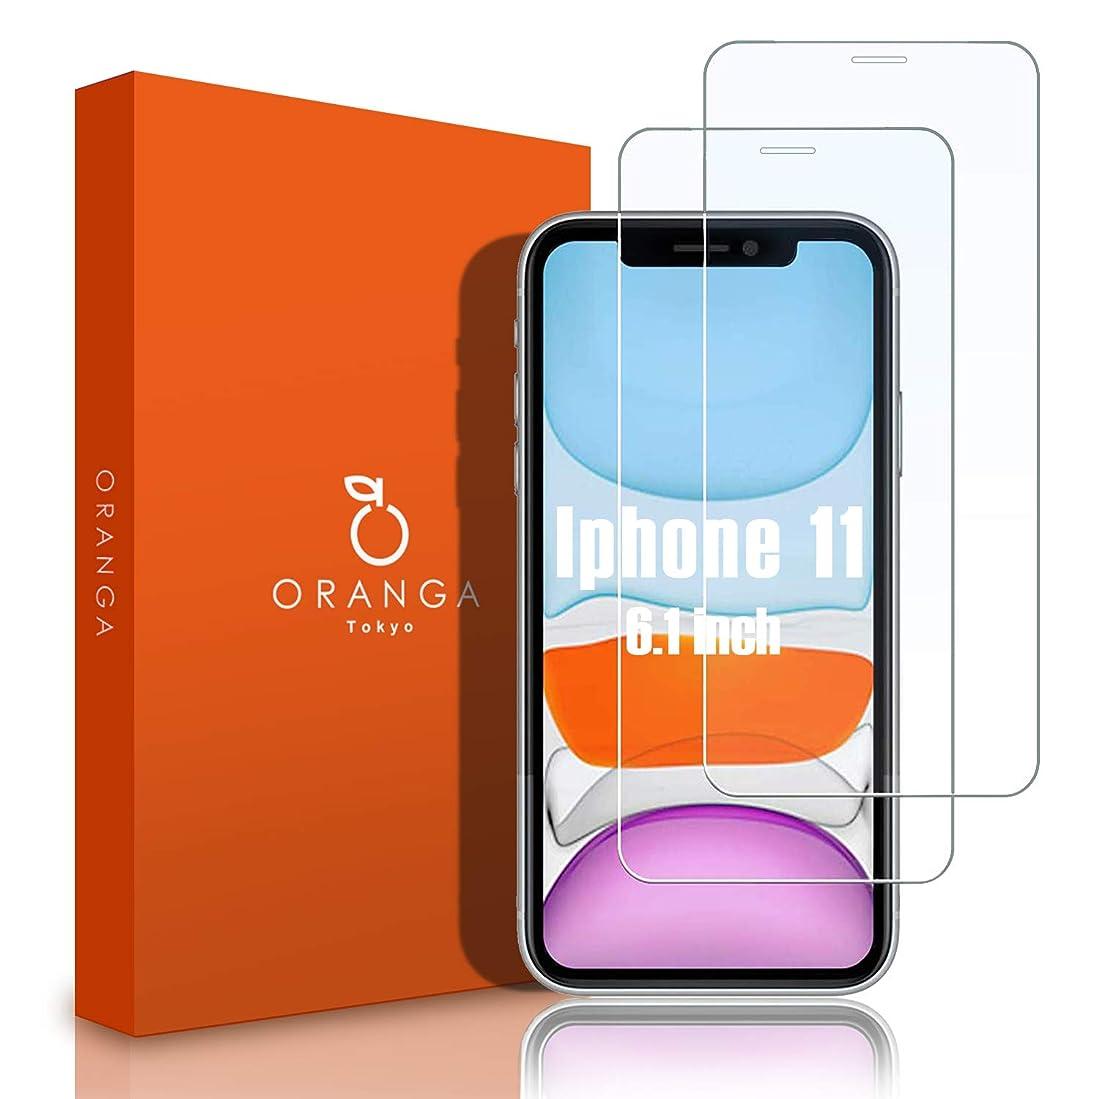 ポンプ架空のオークORANGA iPhone XR ガラスフィルム 強化ガラス 液晶保護フィルム 高透過率 硬度9H 3D Touch 指紋防止 飛散防止 0.20mm超薄型 【日本旭硝子製】アイフォンXR クリア (iPhone XR)